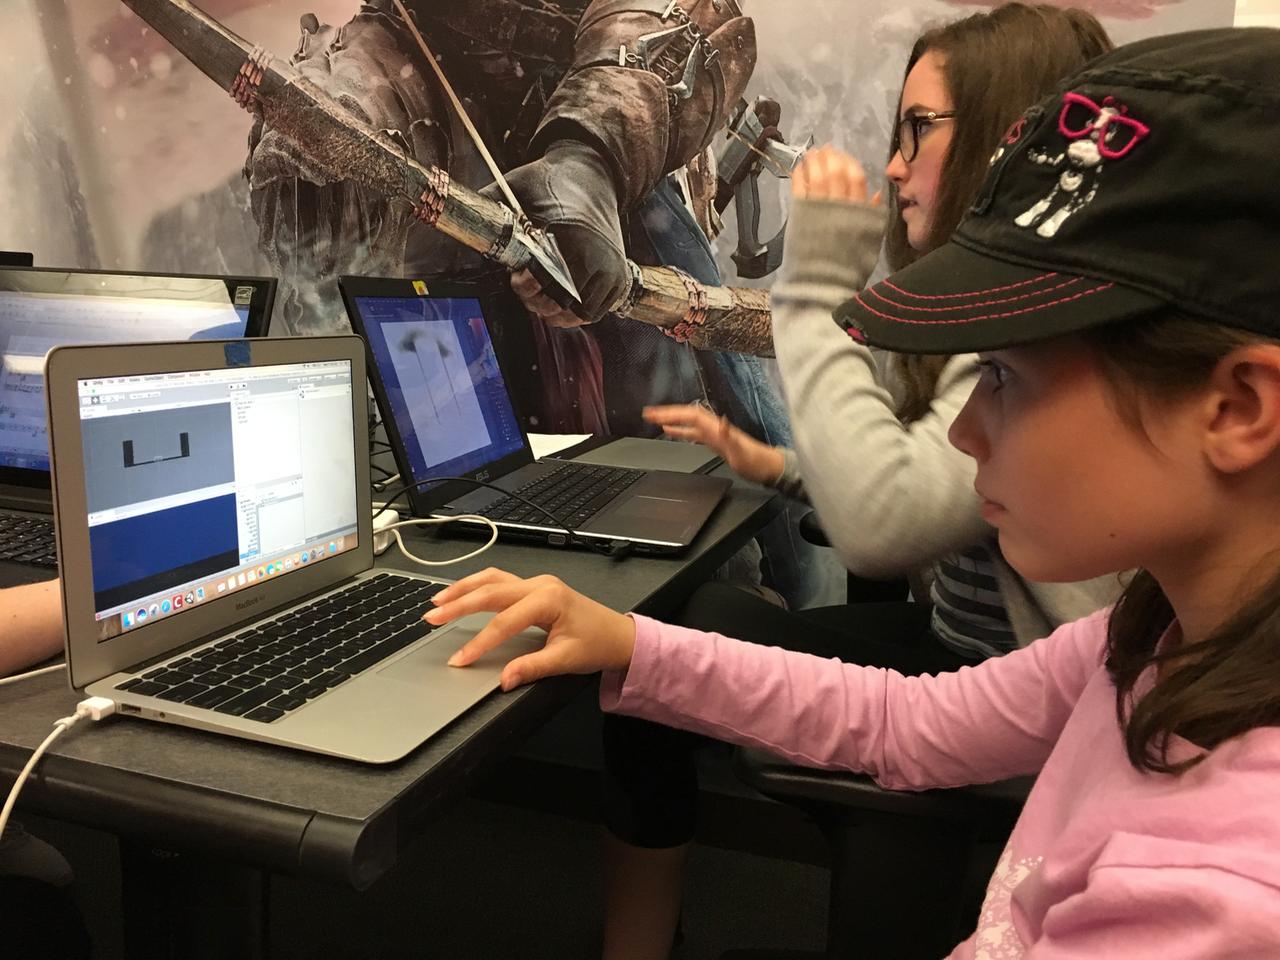 Video Game Design Summer Camp Seattle: Girls Make Gamesrh:girlsmakegames.com,Design